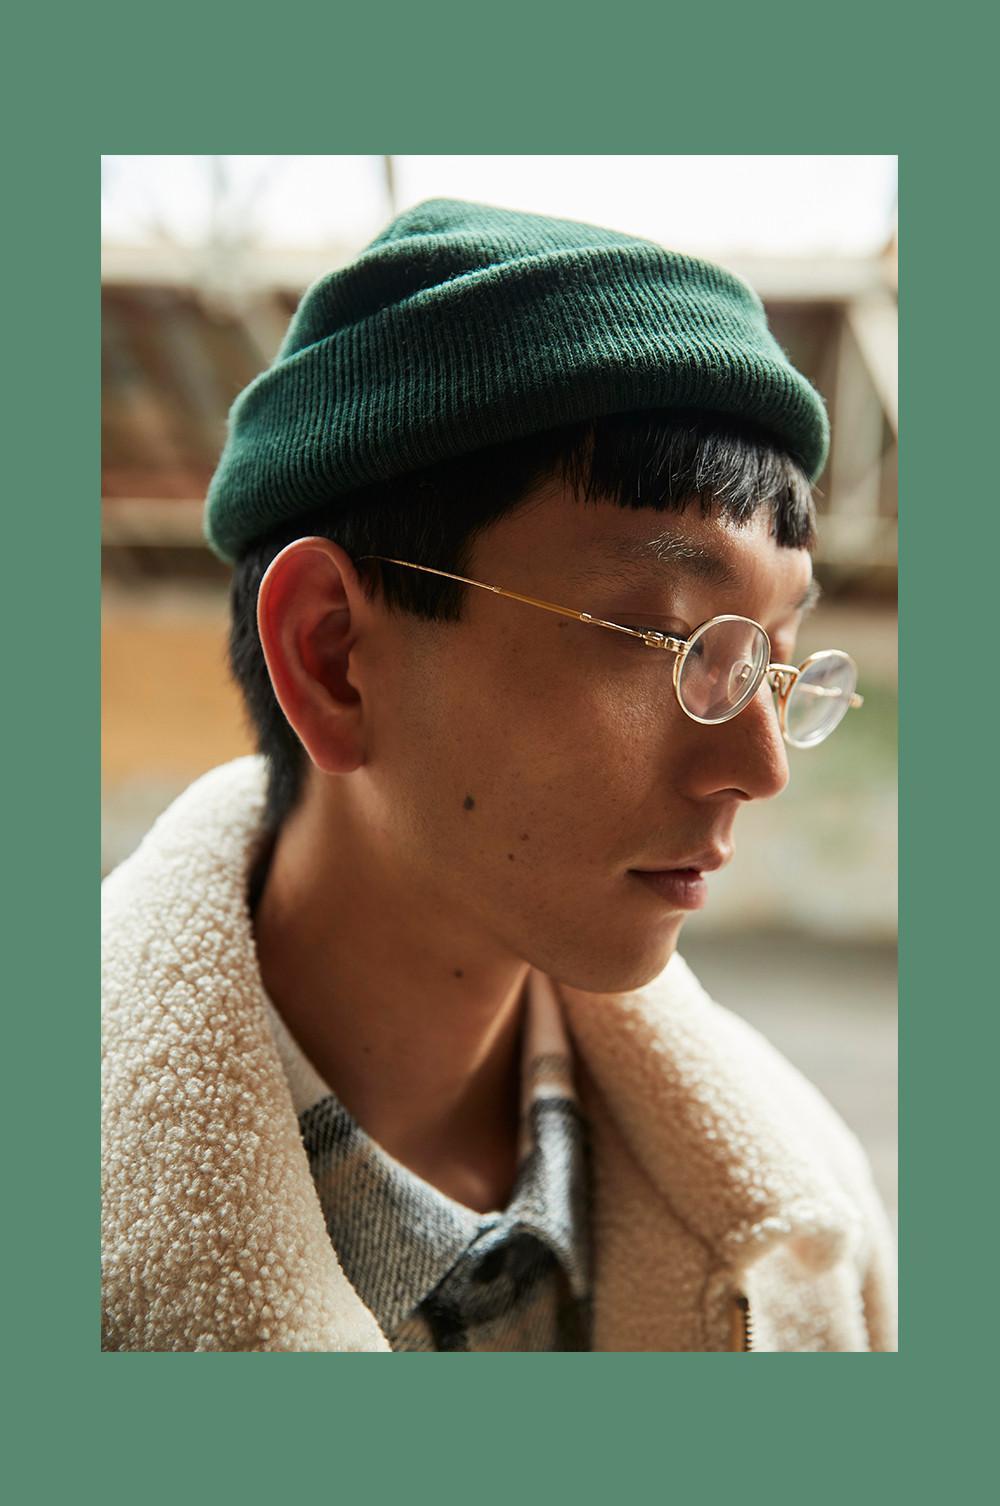 Gros plan sur un mannequin regardant vers le bas, portant un bonnet vert et des lunettes